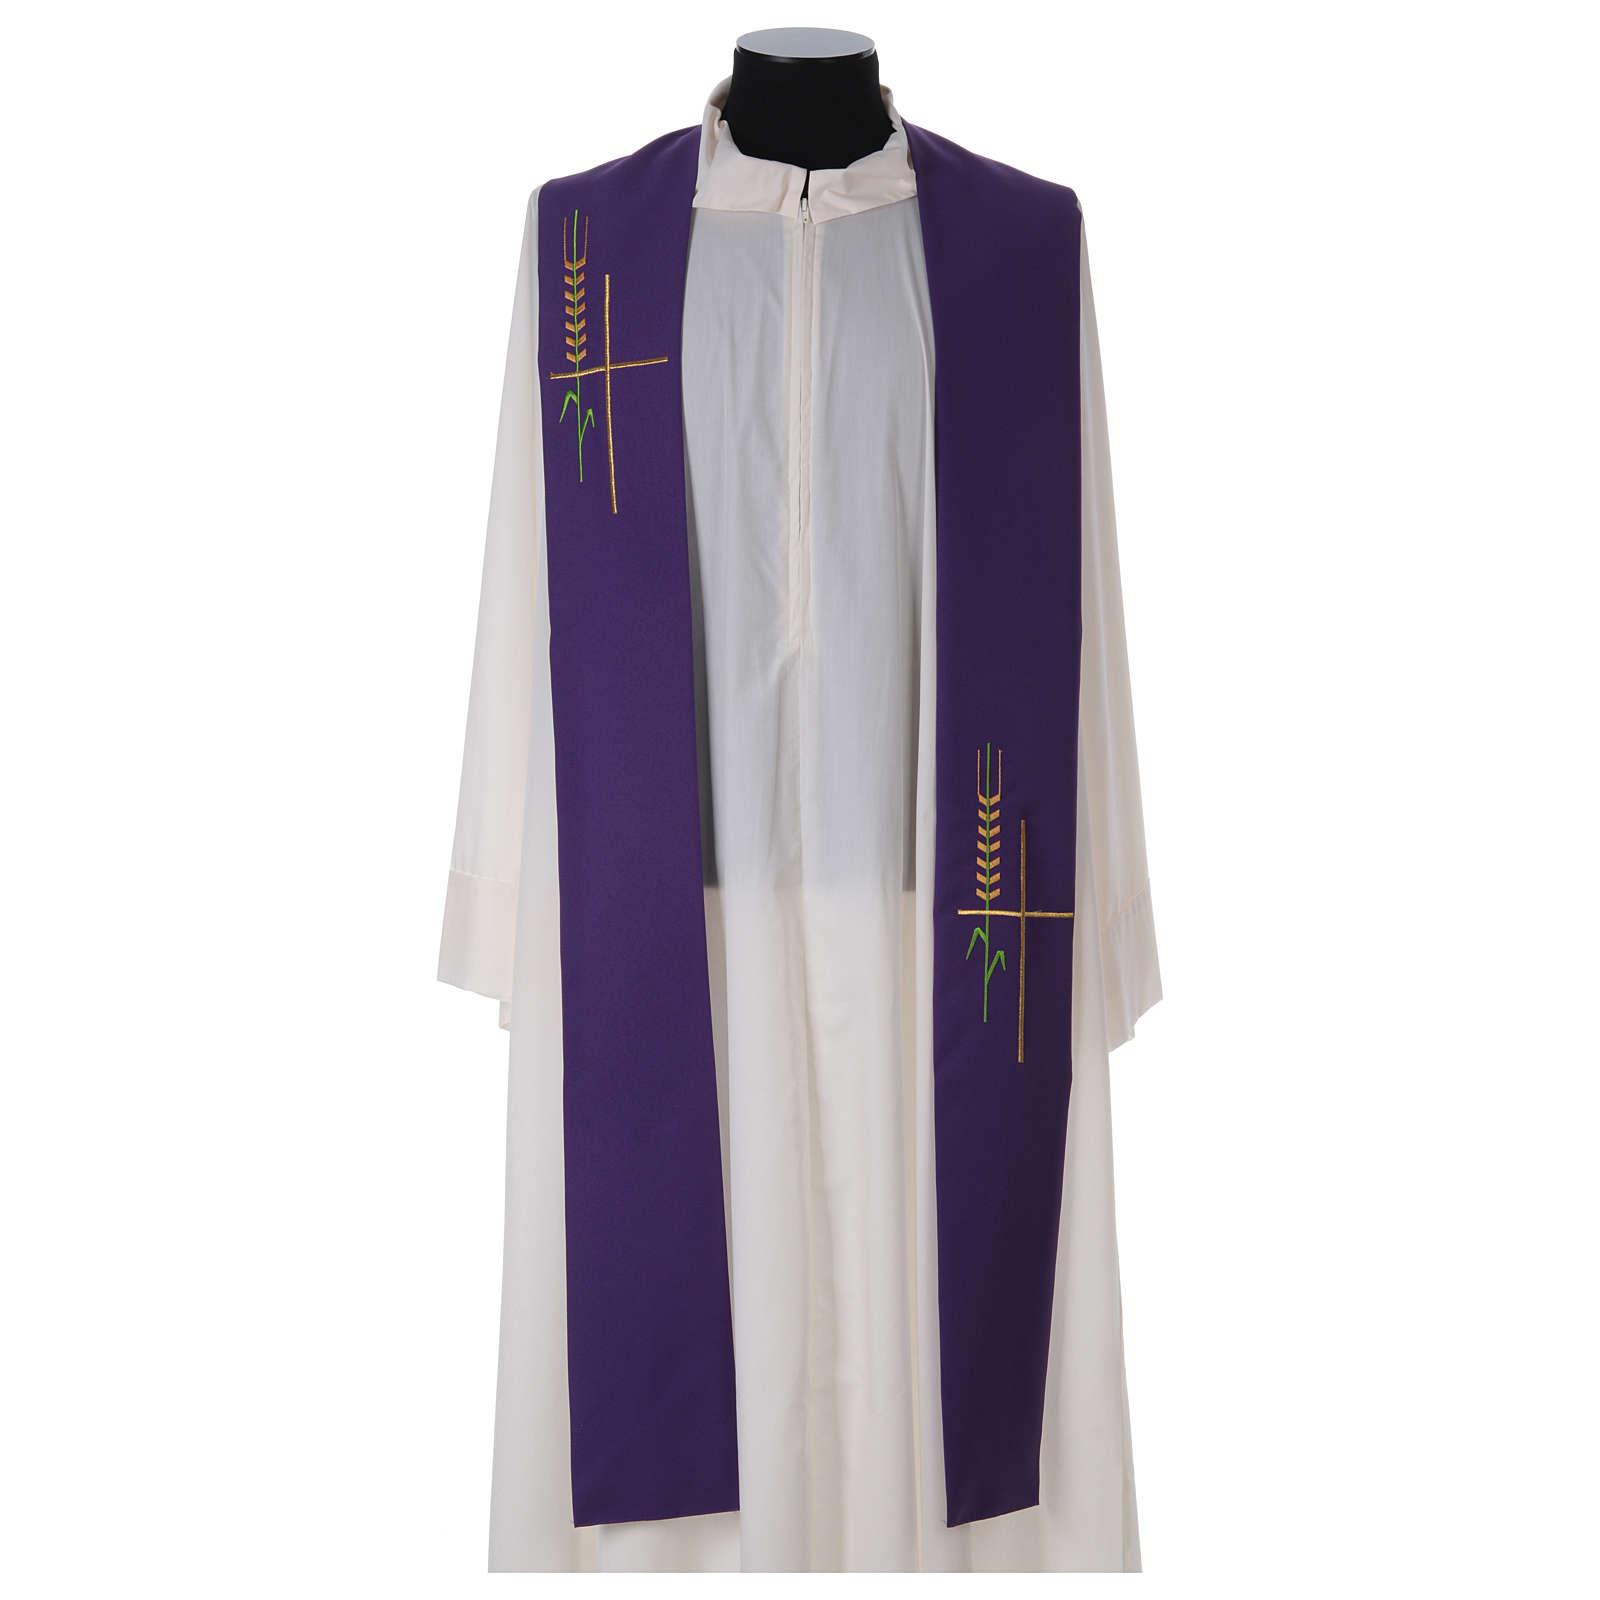 Deacon Stole in polyester, ear of wheat, stylised cross 4